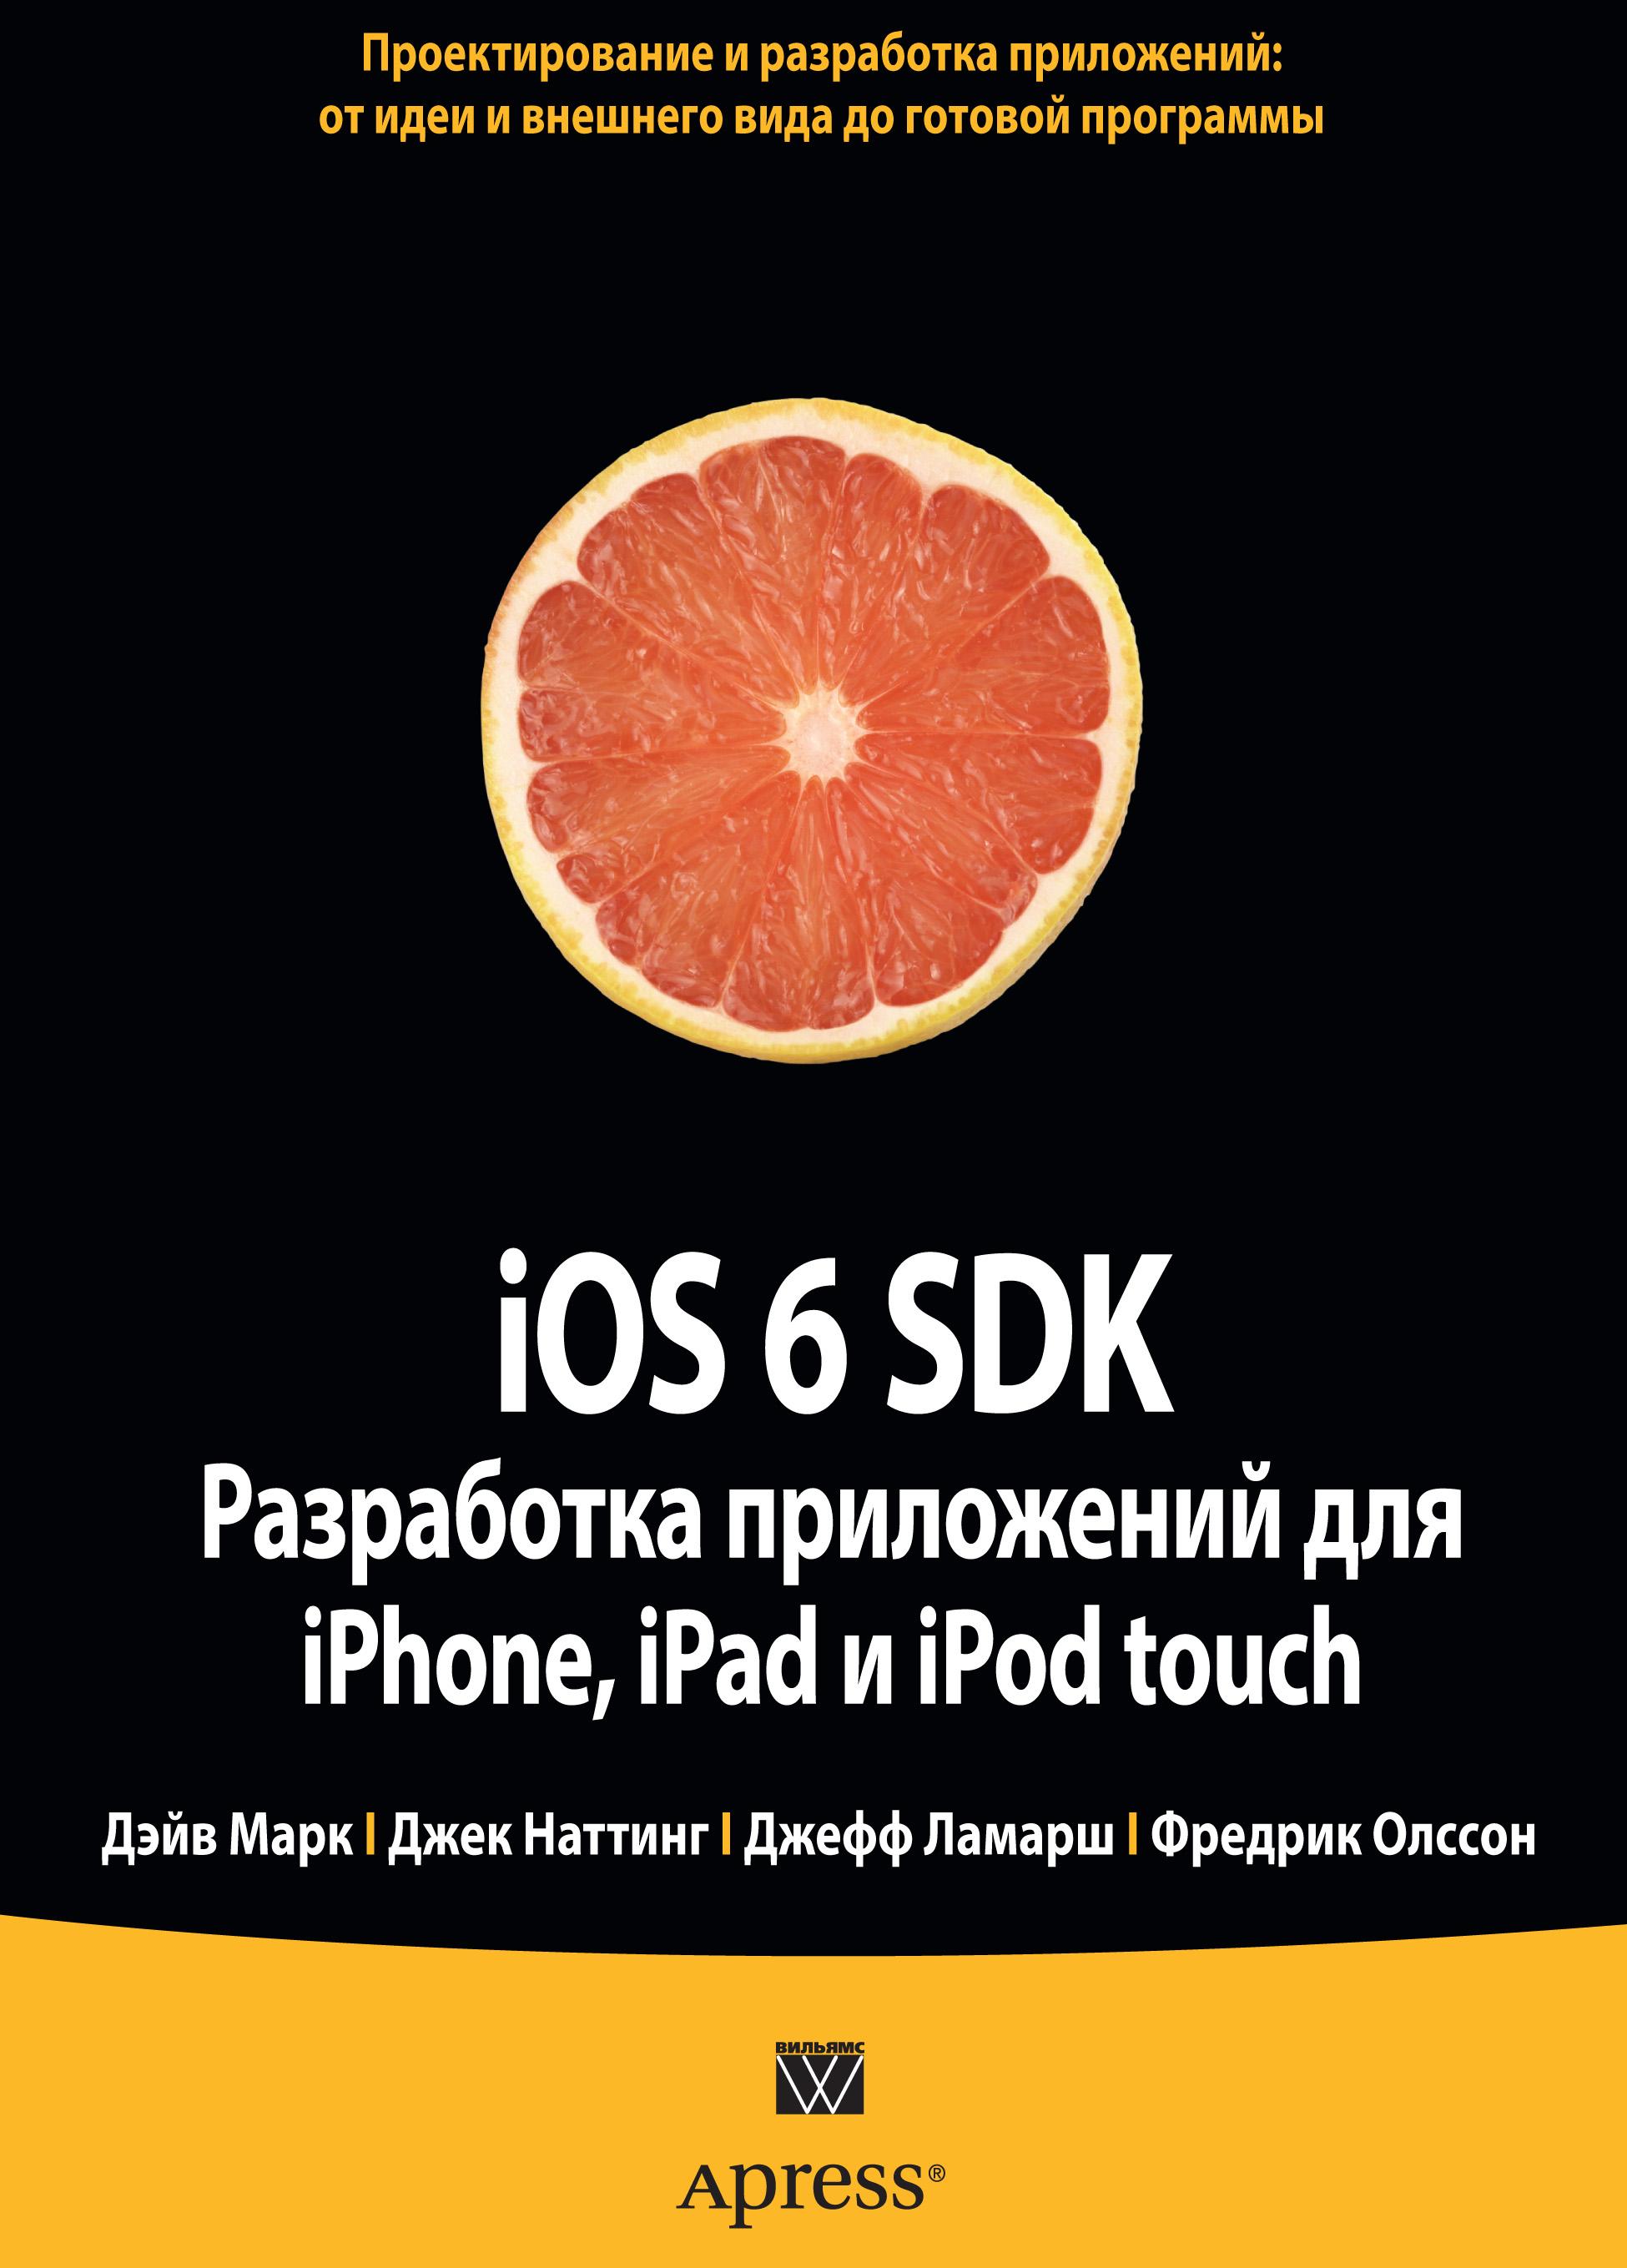 Дэйв Марк iOS 6 SDK. Разработка приложений для iPhone, iPad и iPod touch дэвид марк джек наттинг ким топли фредрик т олссон джефф ламарш swift разработка приложений в среде xcode для iphone и ipad с использованием ios sdk